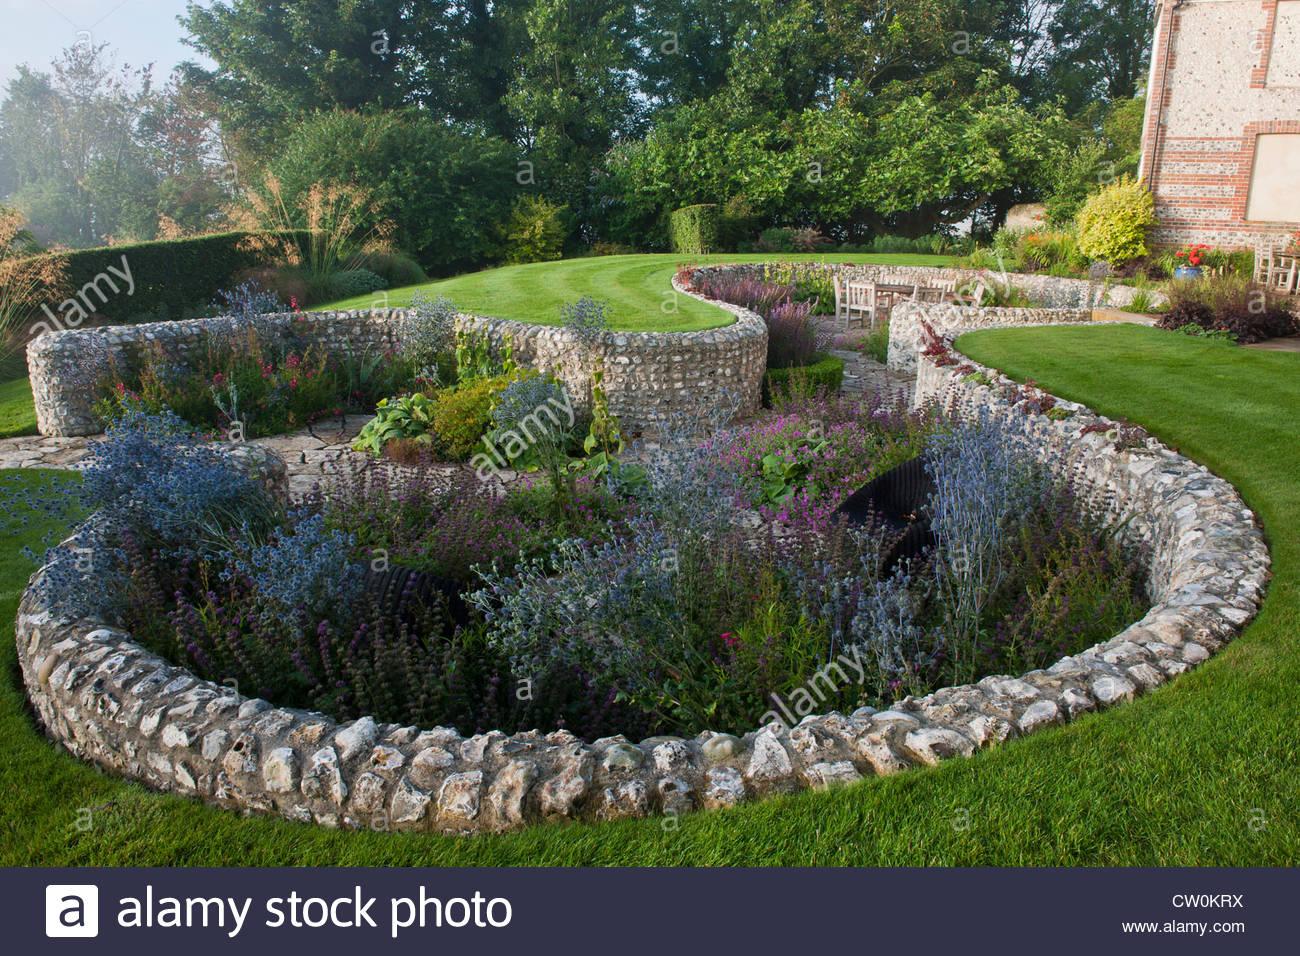 Courtyard Designs Contemporary Sunken Garden Stone Walls Retaining Designer